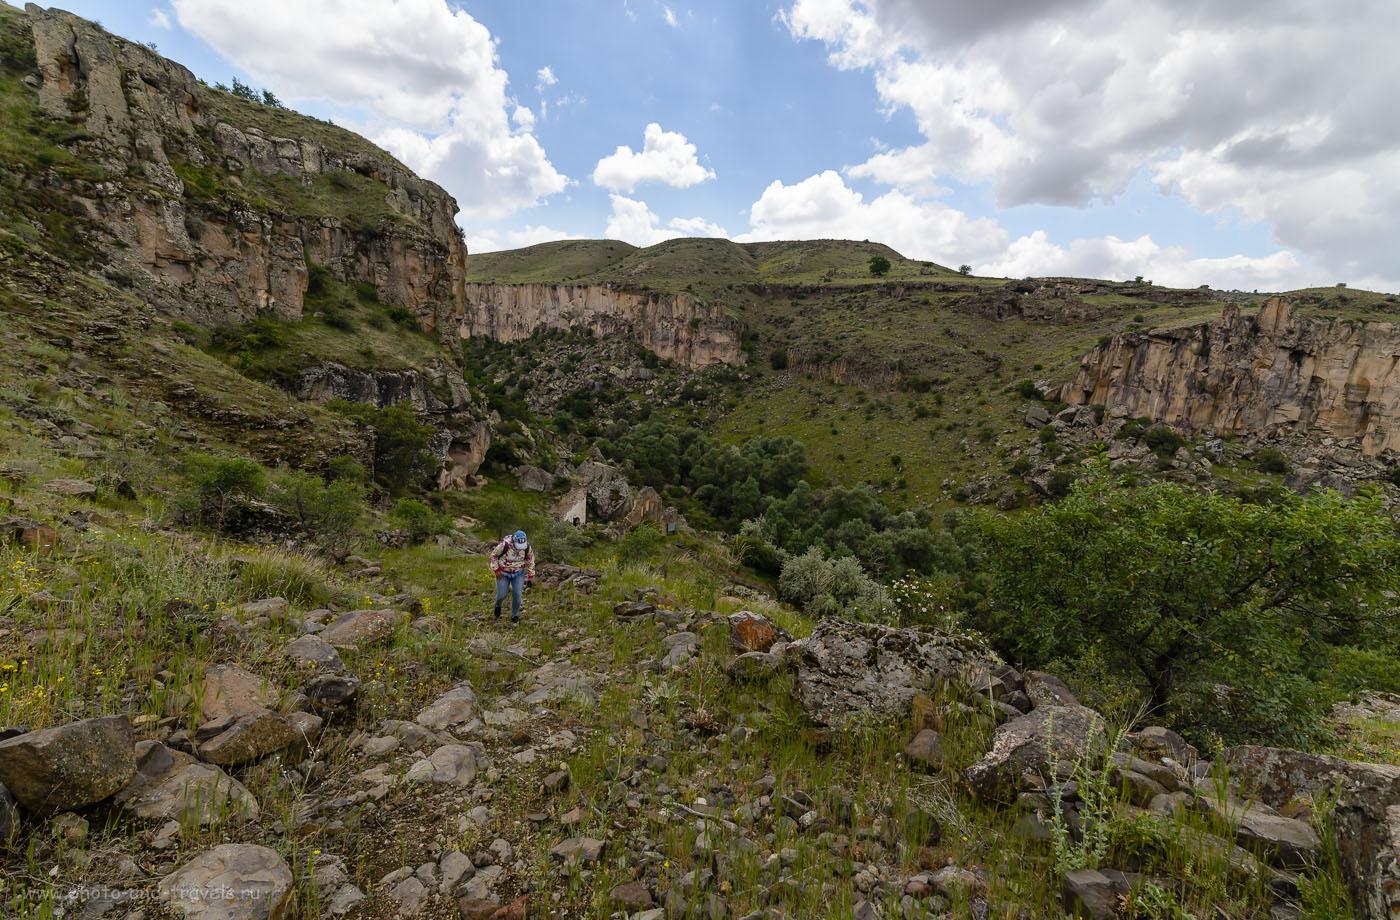 Фотография 10. Восхождение на смотровую площадку в Ihlara Valley недалеко от церкви Карагедик. Поездка в Каппадокию в Турции. Думаете, путевка позволит вам посмотреть такие красивые места? 1/250, -2.0, 8.0, 100, 14.